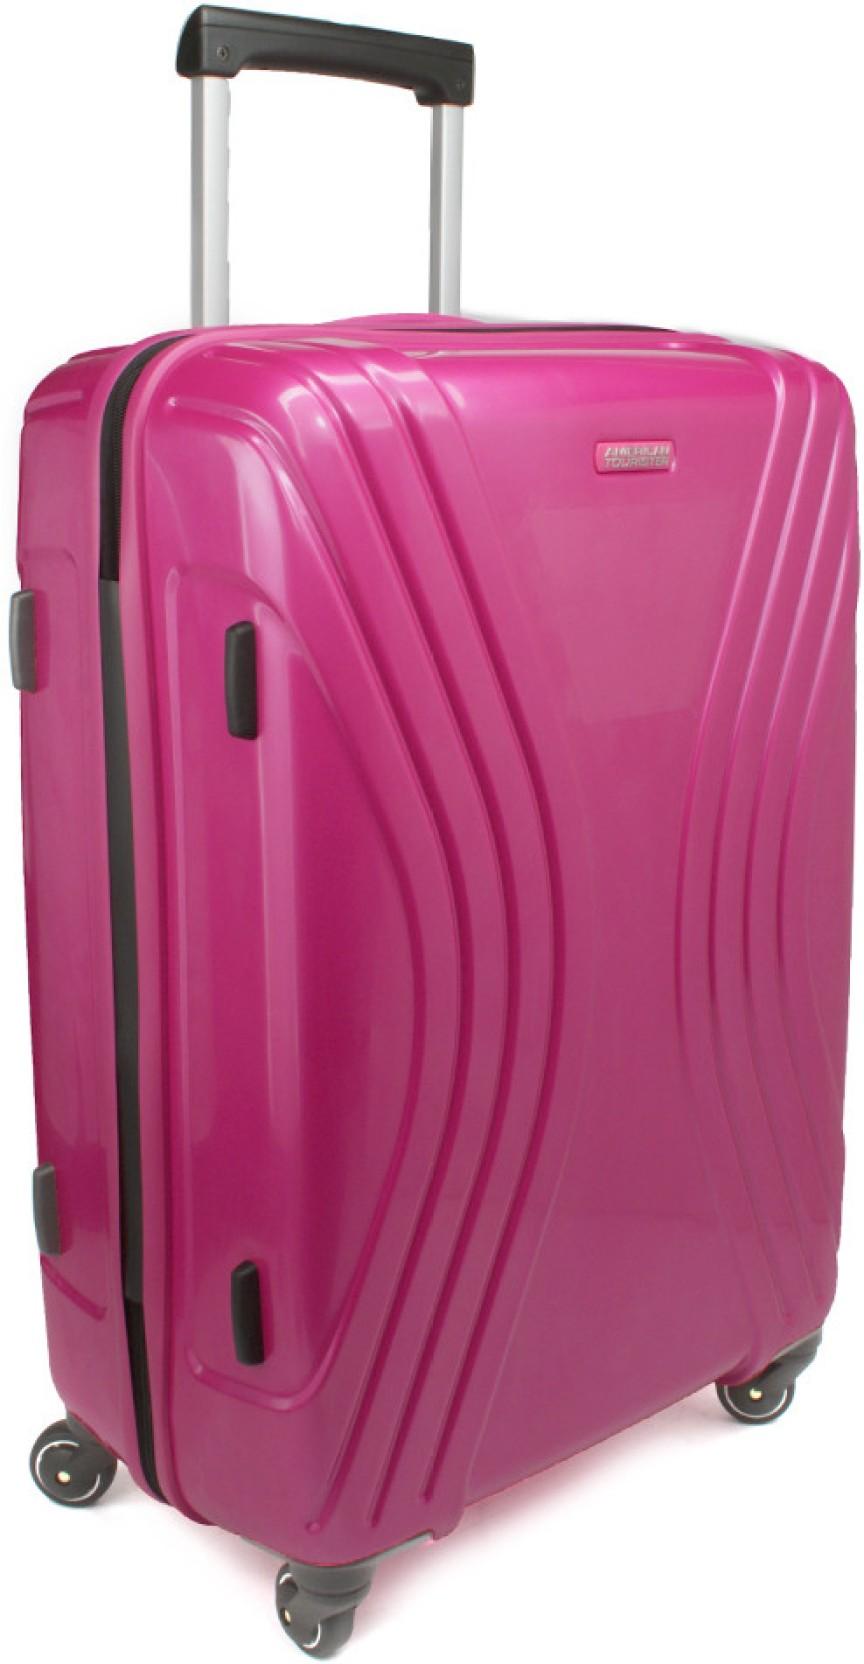 American Tourister Vivolite Check-in Luggage